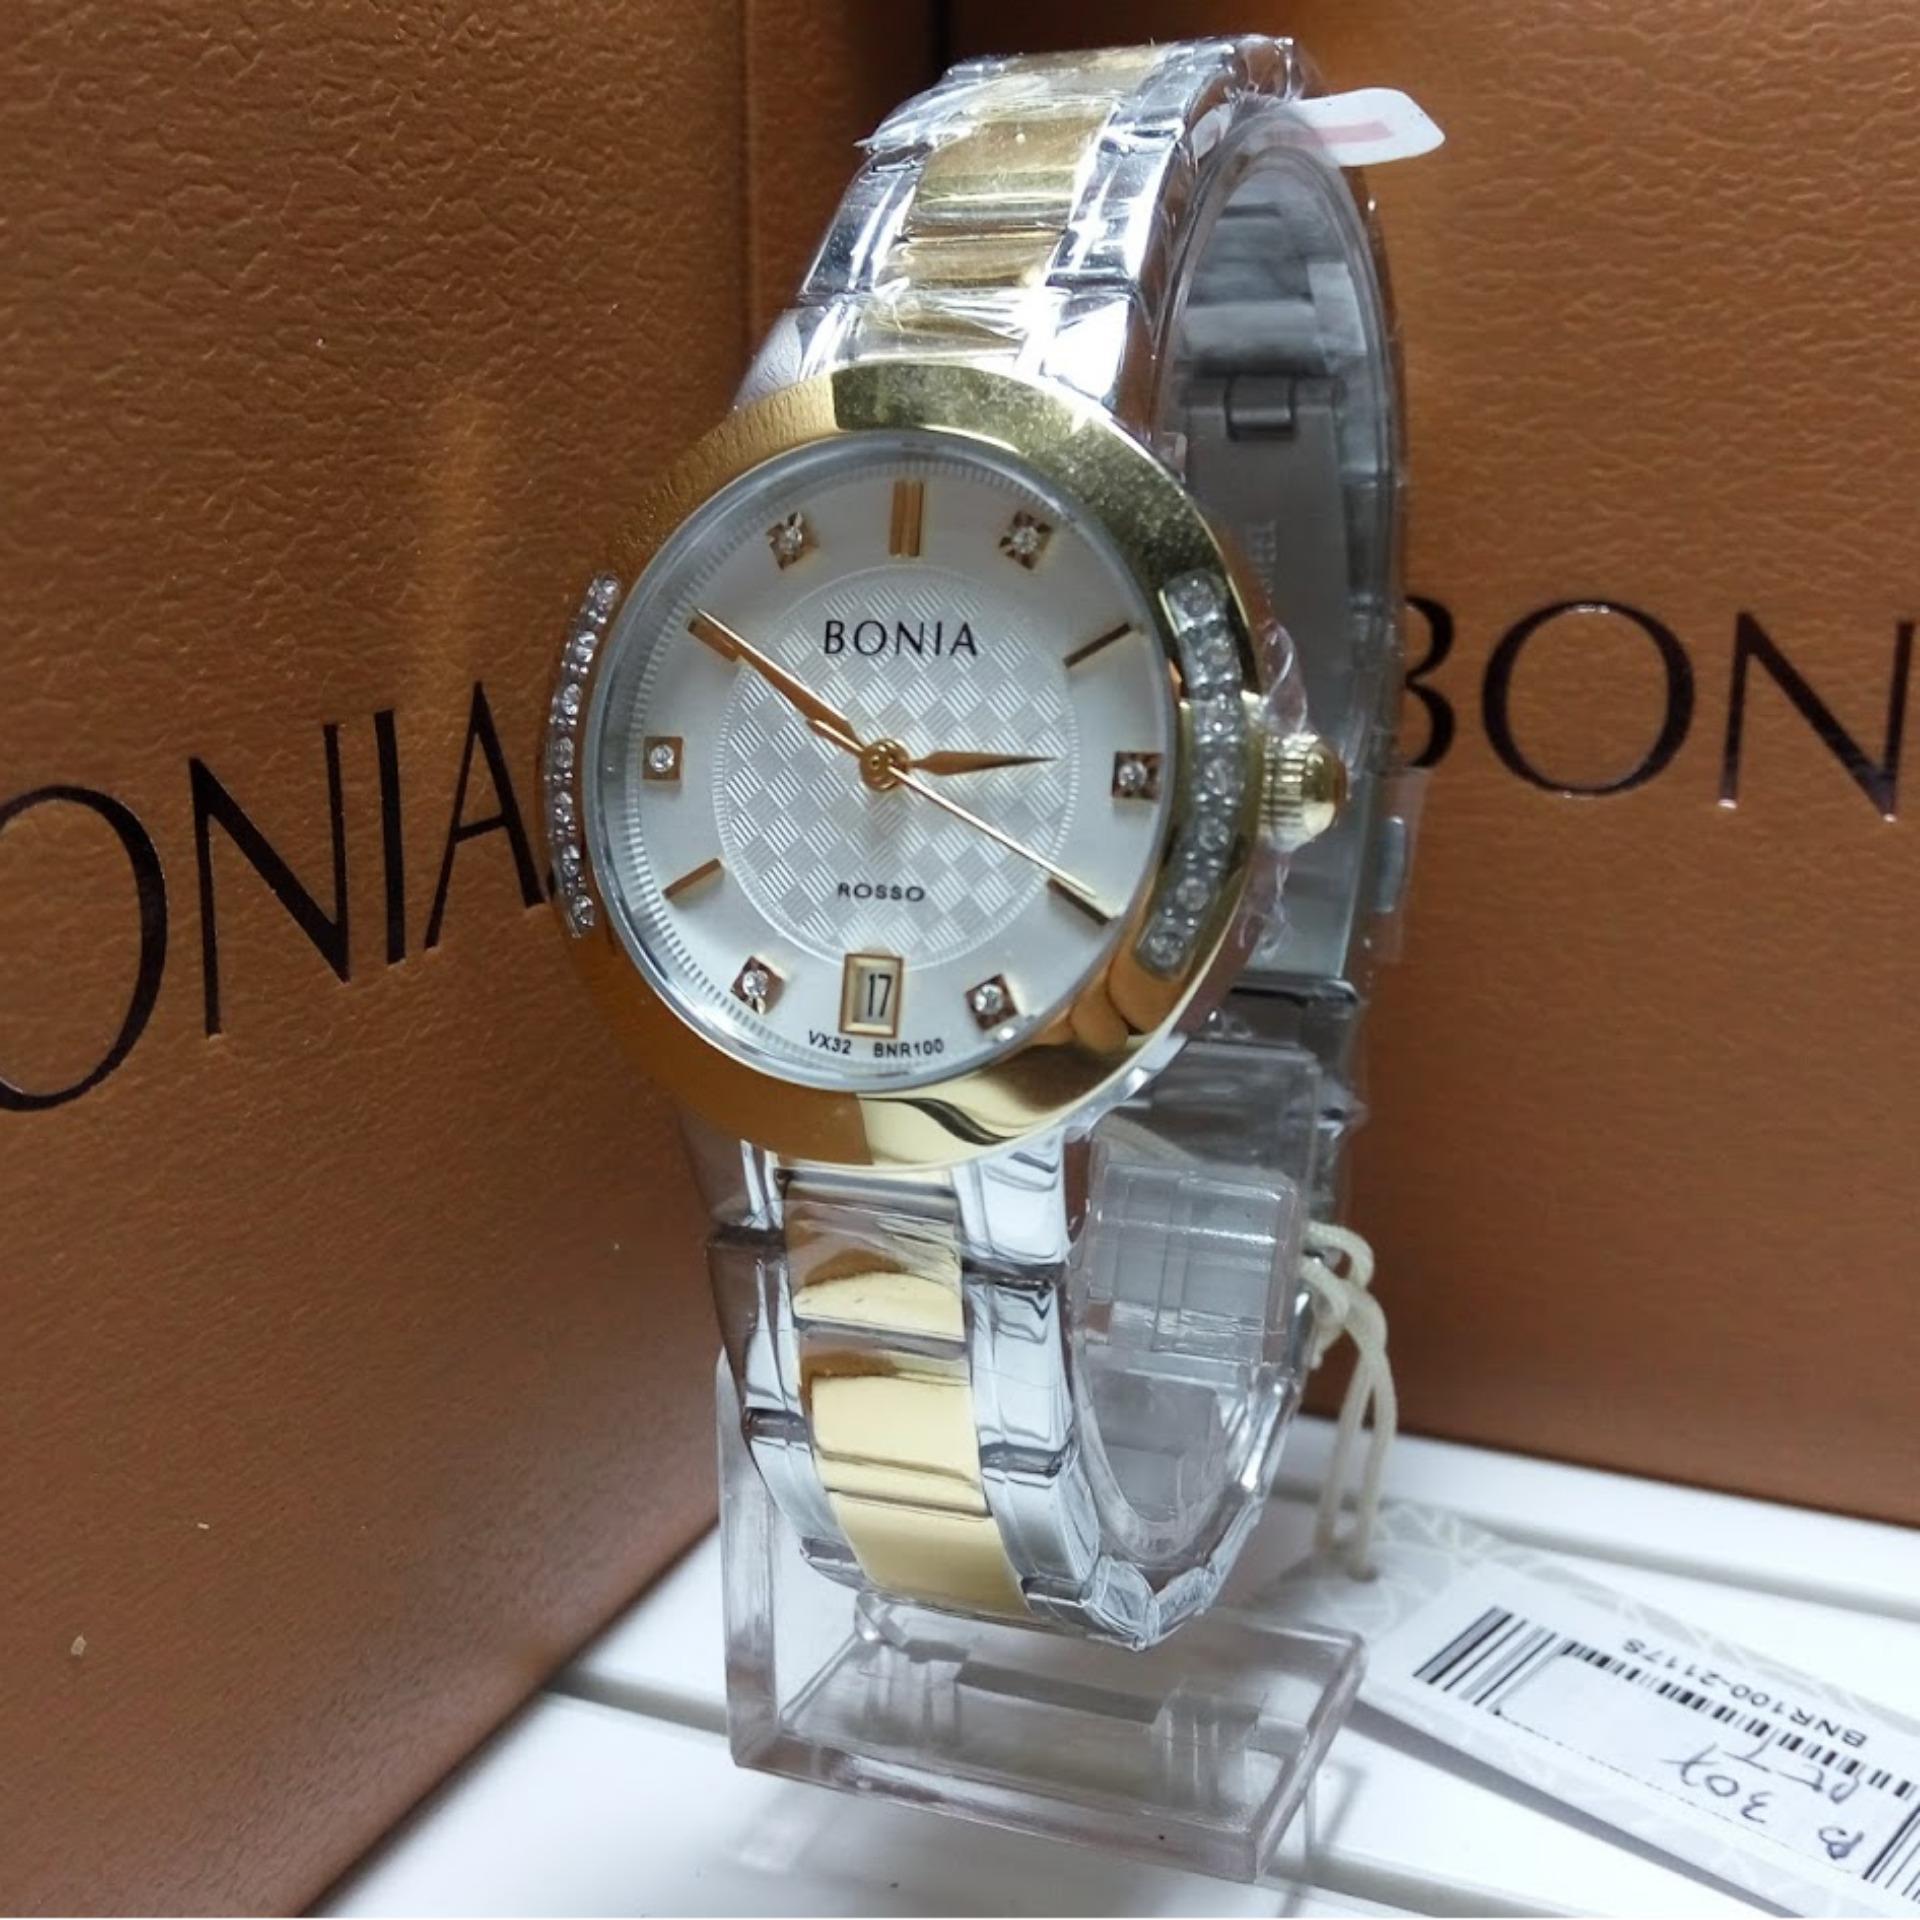 Bonia Bn100 Jam Tangan Wanita Cek Harga Terkini Dan Terlengkap Silver Rose Gold Bn10194 2615s Bnr100 2117s Stainless Steel